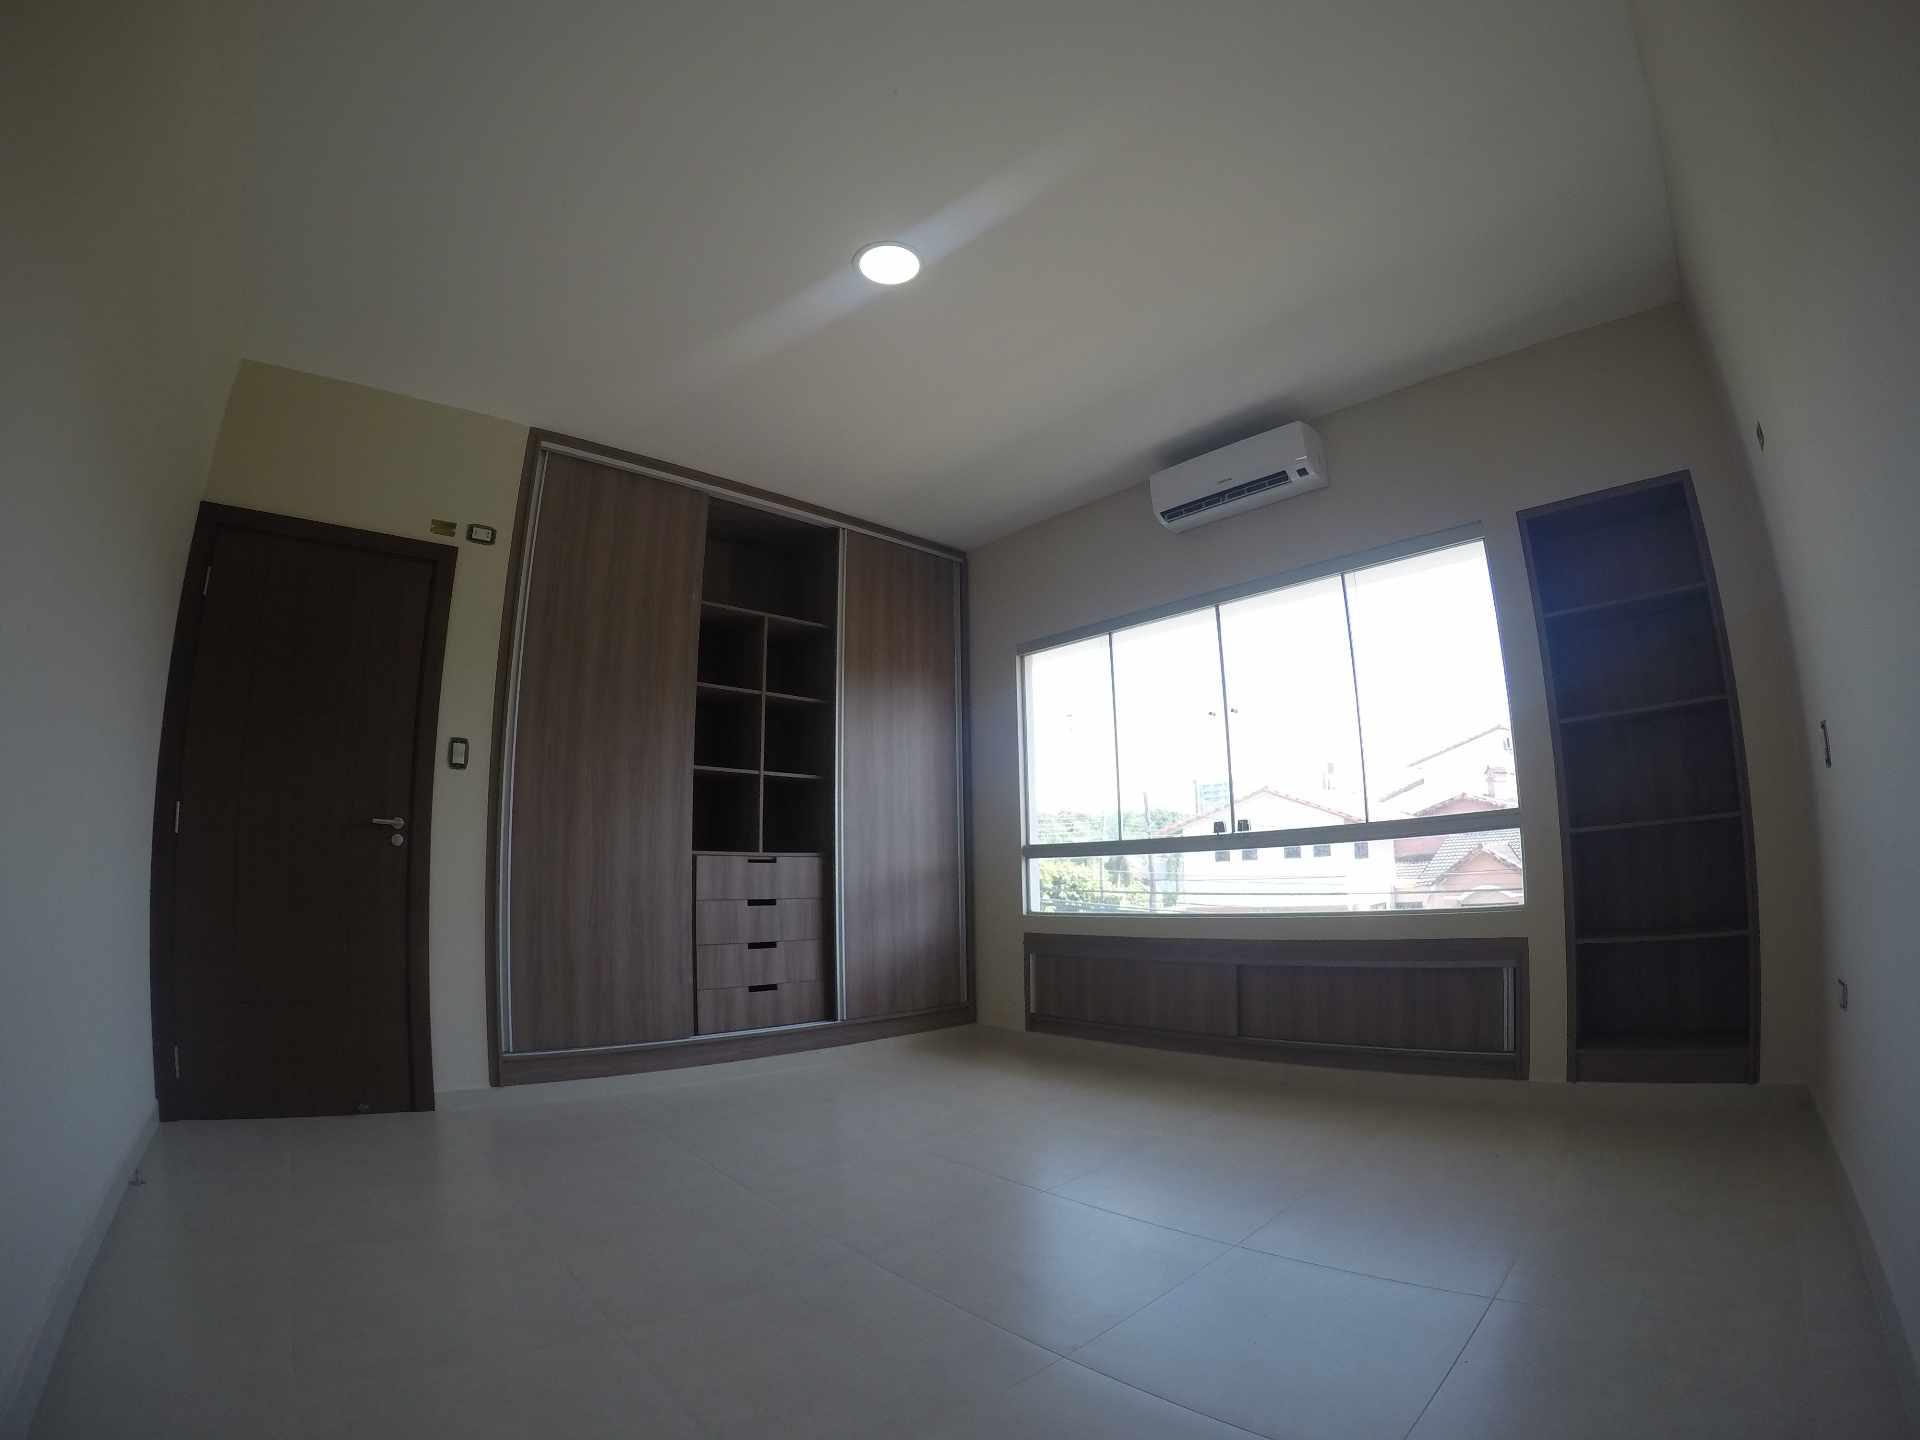 Casa en Alquiler Casa independiente en alquiler a estrenar, próximo a Parque Los Mangales II [Av. Beni y 4to. Anillo], De 3 plantas, 3 dormitorios (2 en suite), con dependencias. [1000$us.] Foto 7